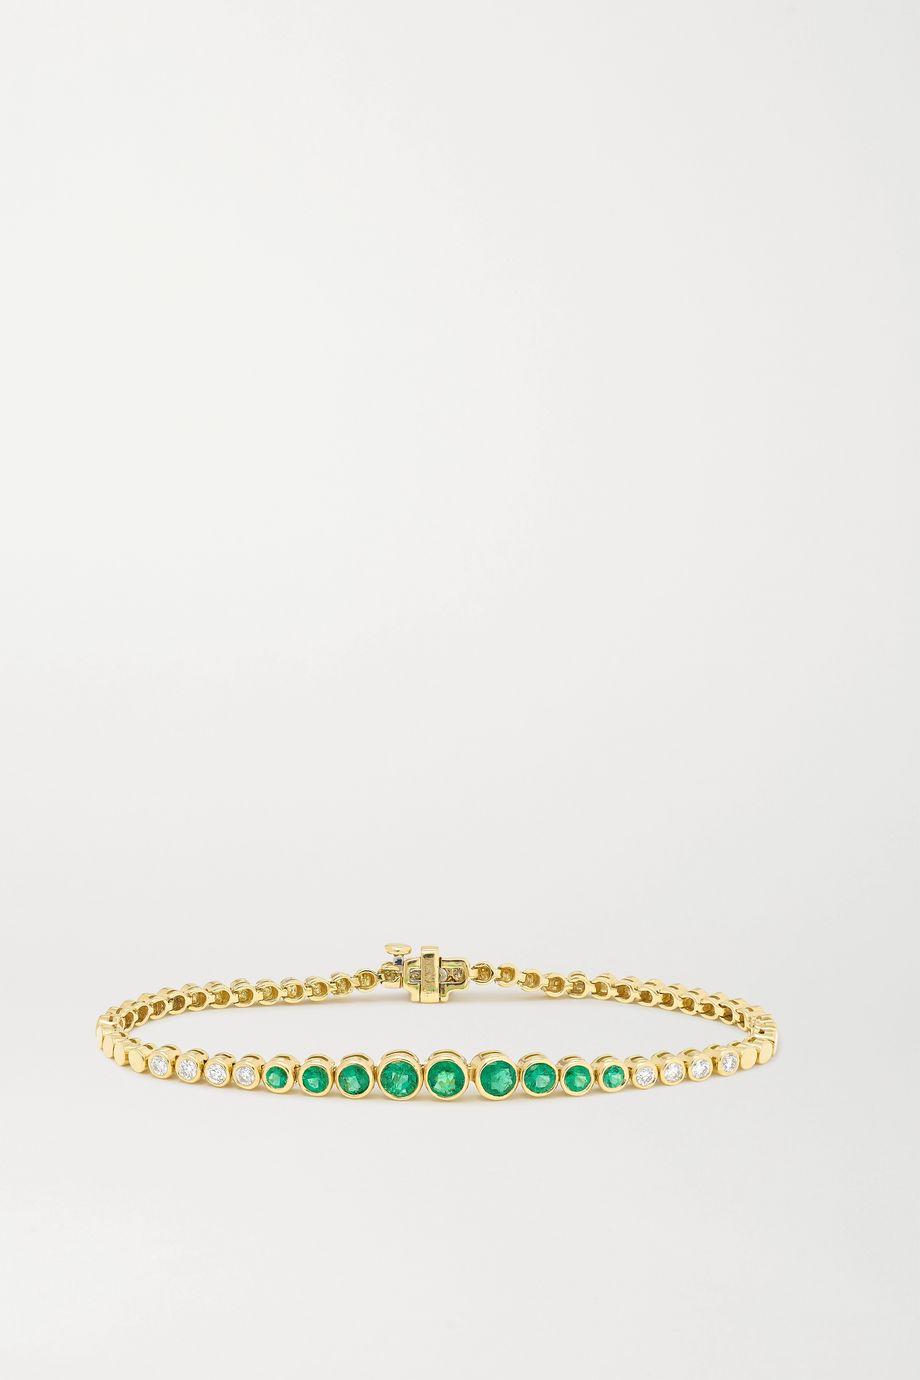 Jemma Wynne Armband aus 18 Karat Gold mit Smaragden und Diamanten